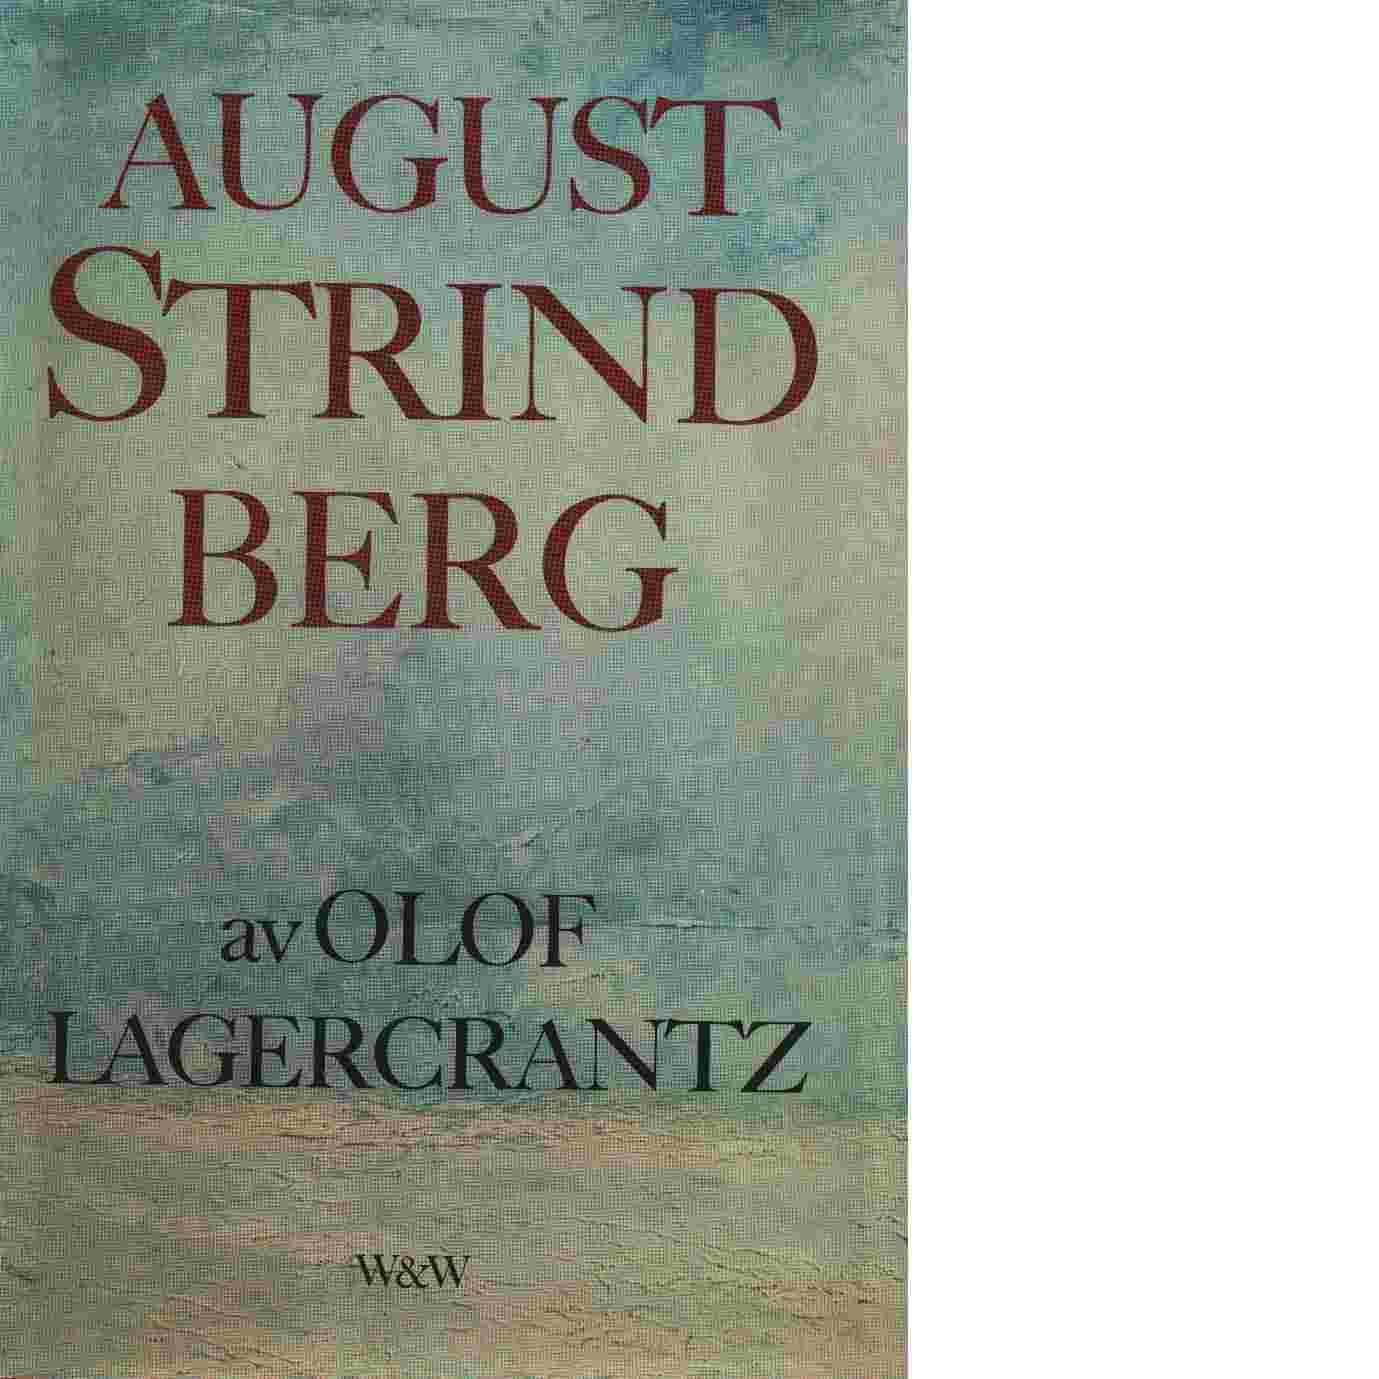 August Strindberg - Lagercrantz, Olof